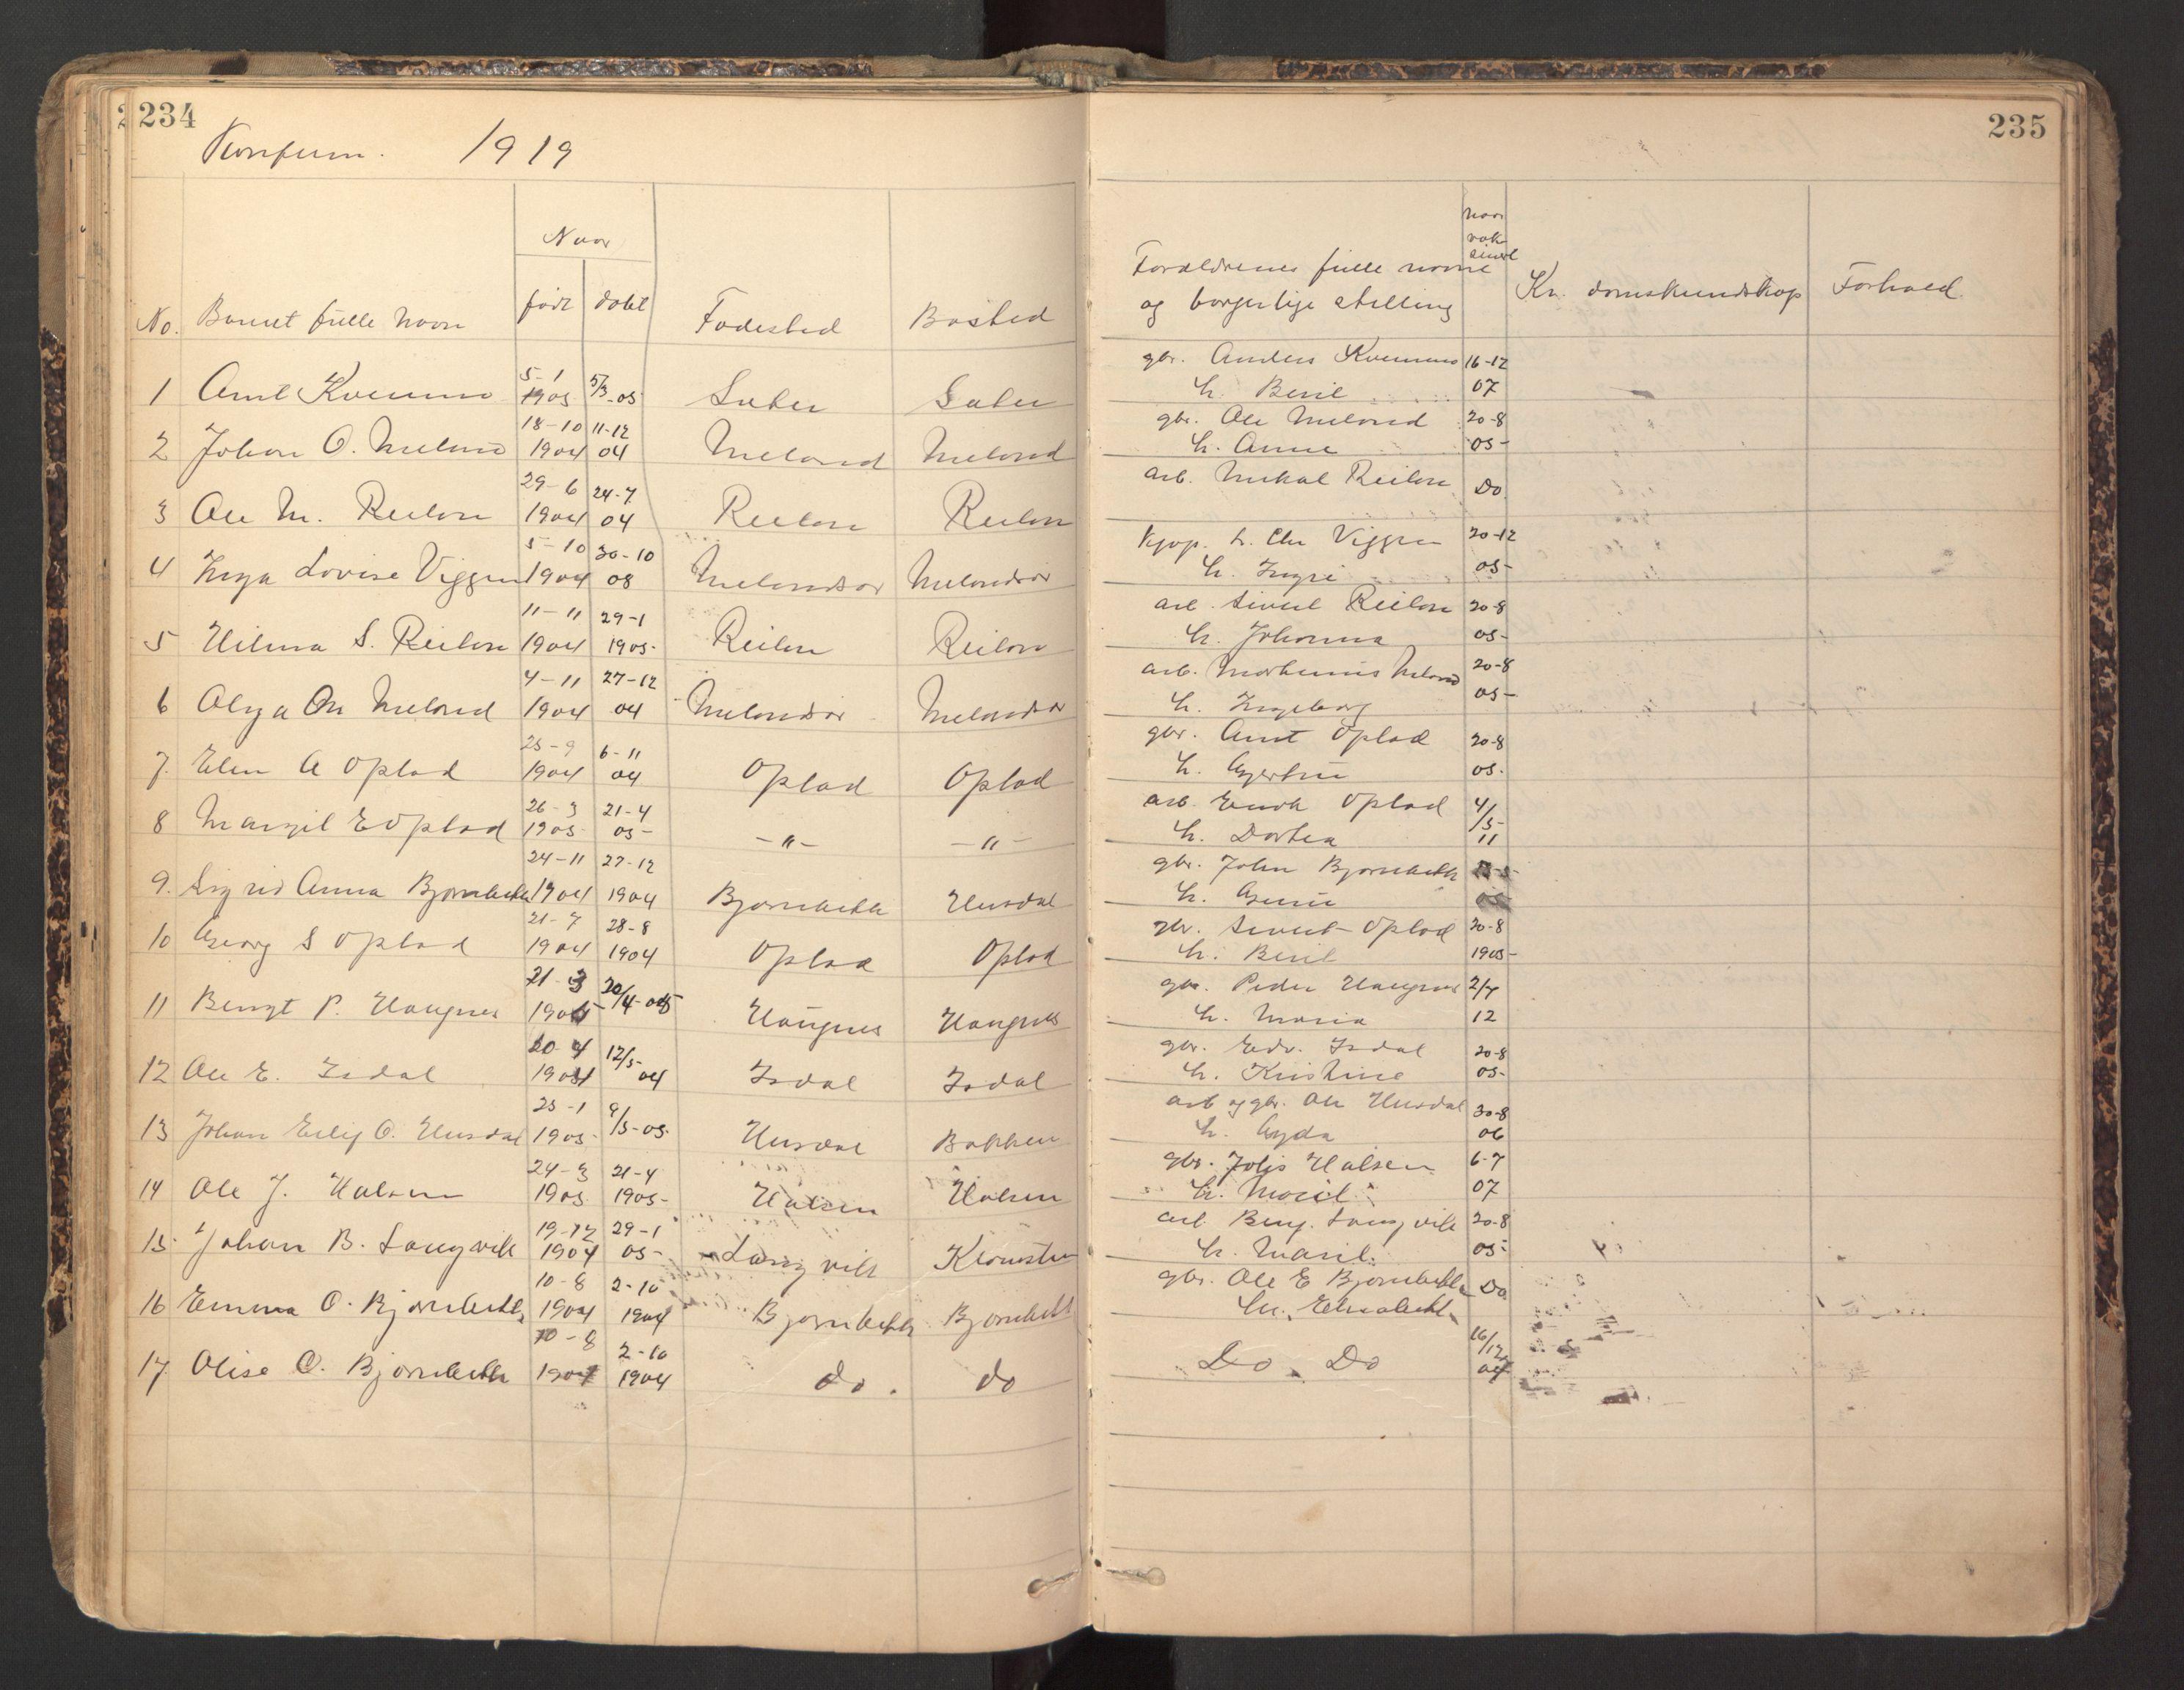 SAT, Ministerialprotokoller, klokkerbøker og fødselsregistre - Sør-Trøndelag, 670/L0837: Klokkerbok nr. 670C01, 1905-1946, s. 234-235